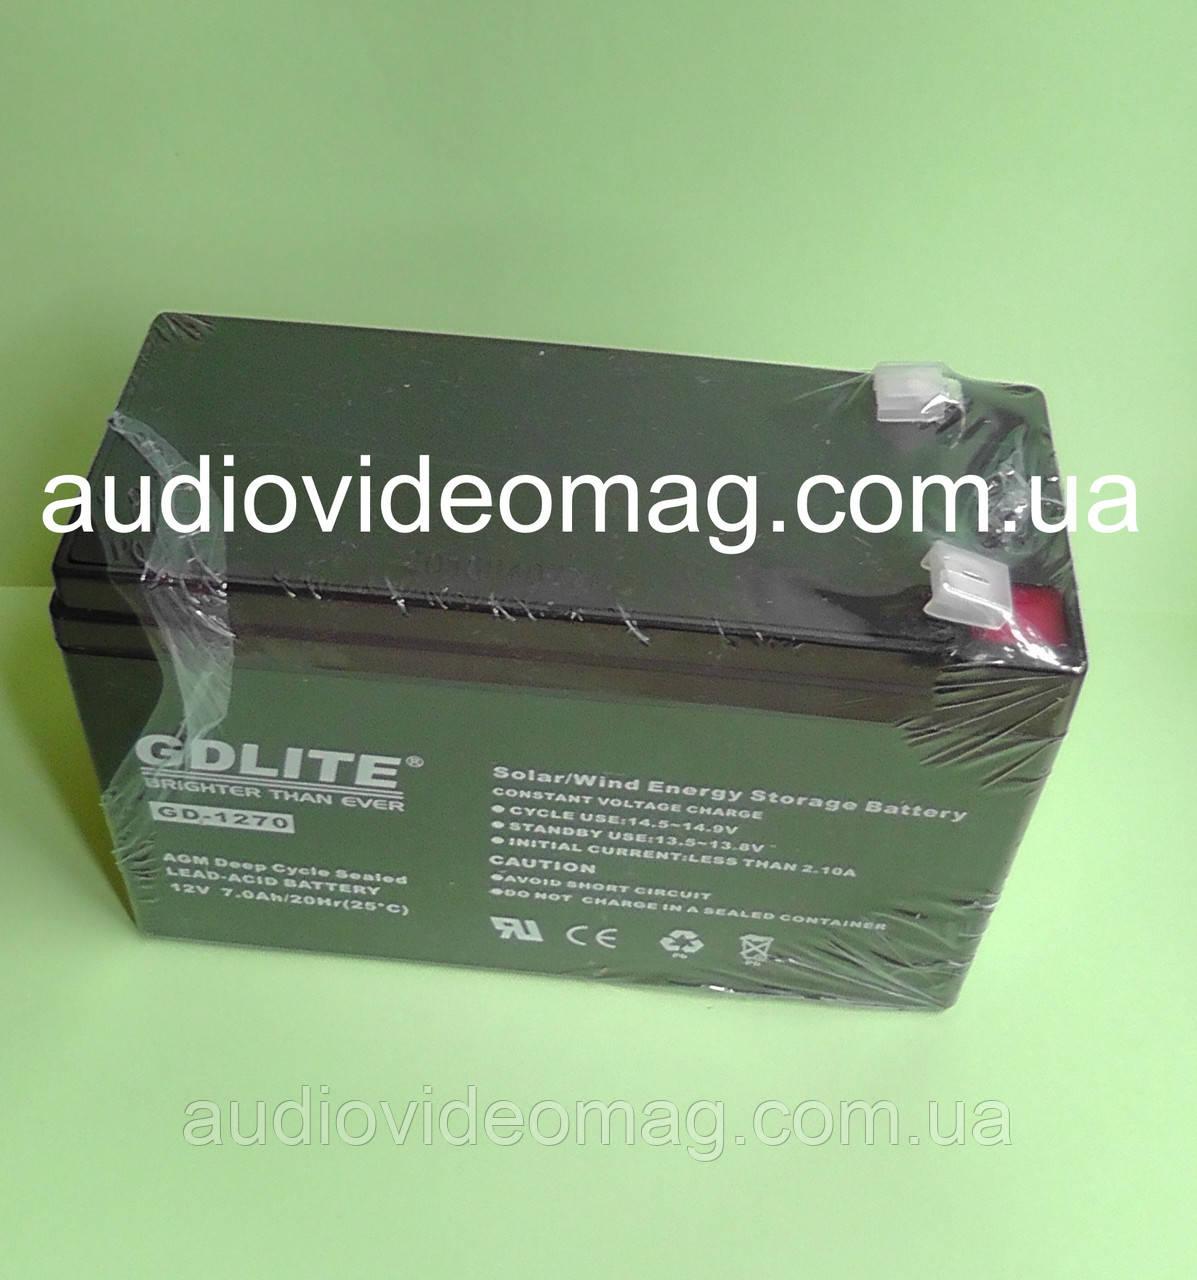 Аккумуляторная батарея 12V 7 Ah для ИБП (источника бесперебойного питания)